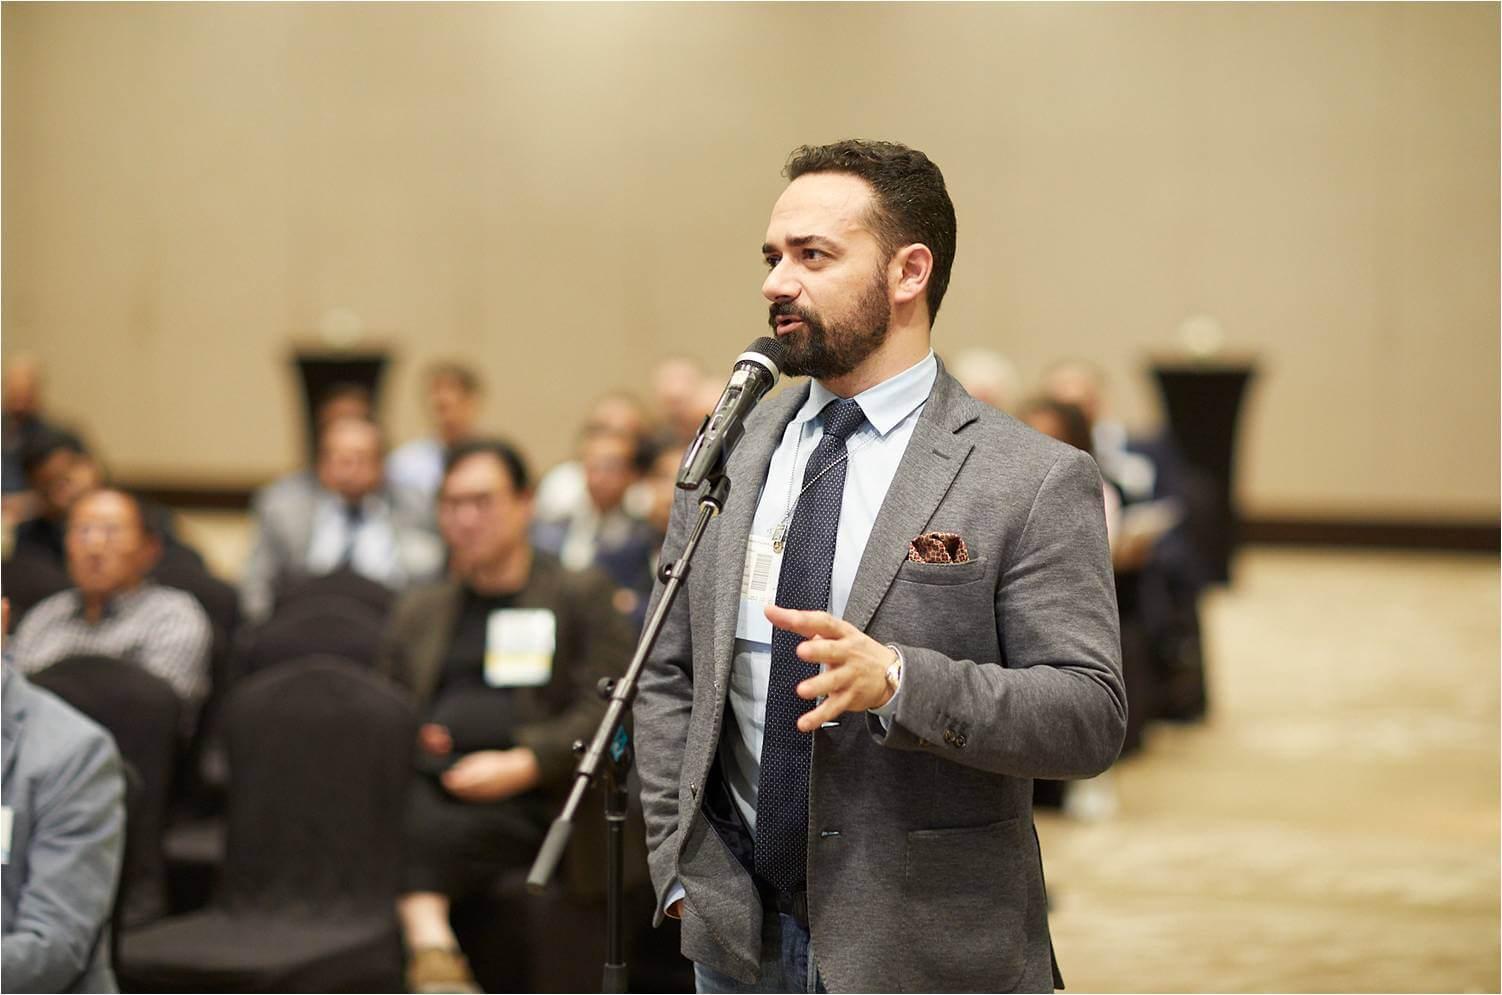 πρόεδρος ΕΛΑΜΑΤ Δρ. Κωνσταντίνος Αναστασάκης στο 26ο παγκόσμιο συνέδριο ISHRS Hollywood